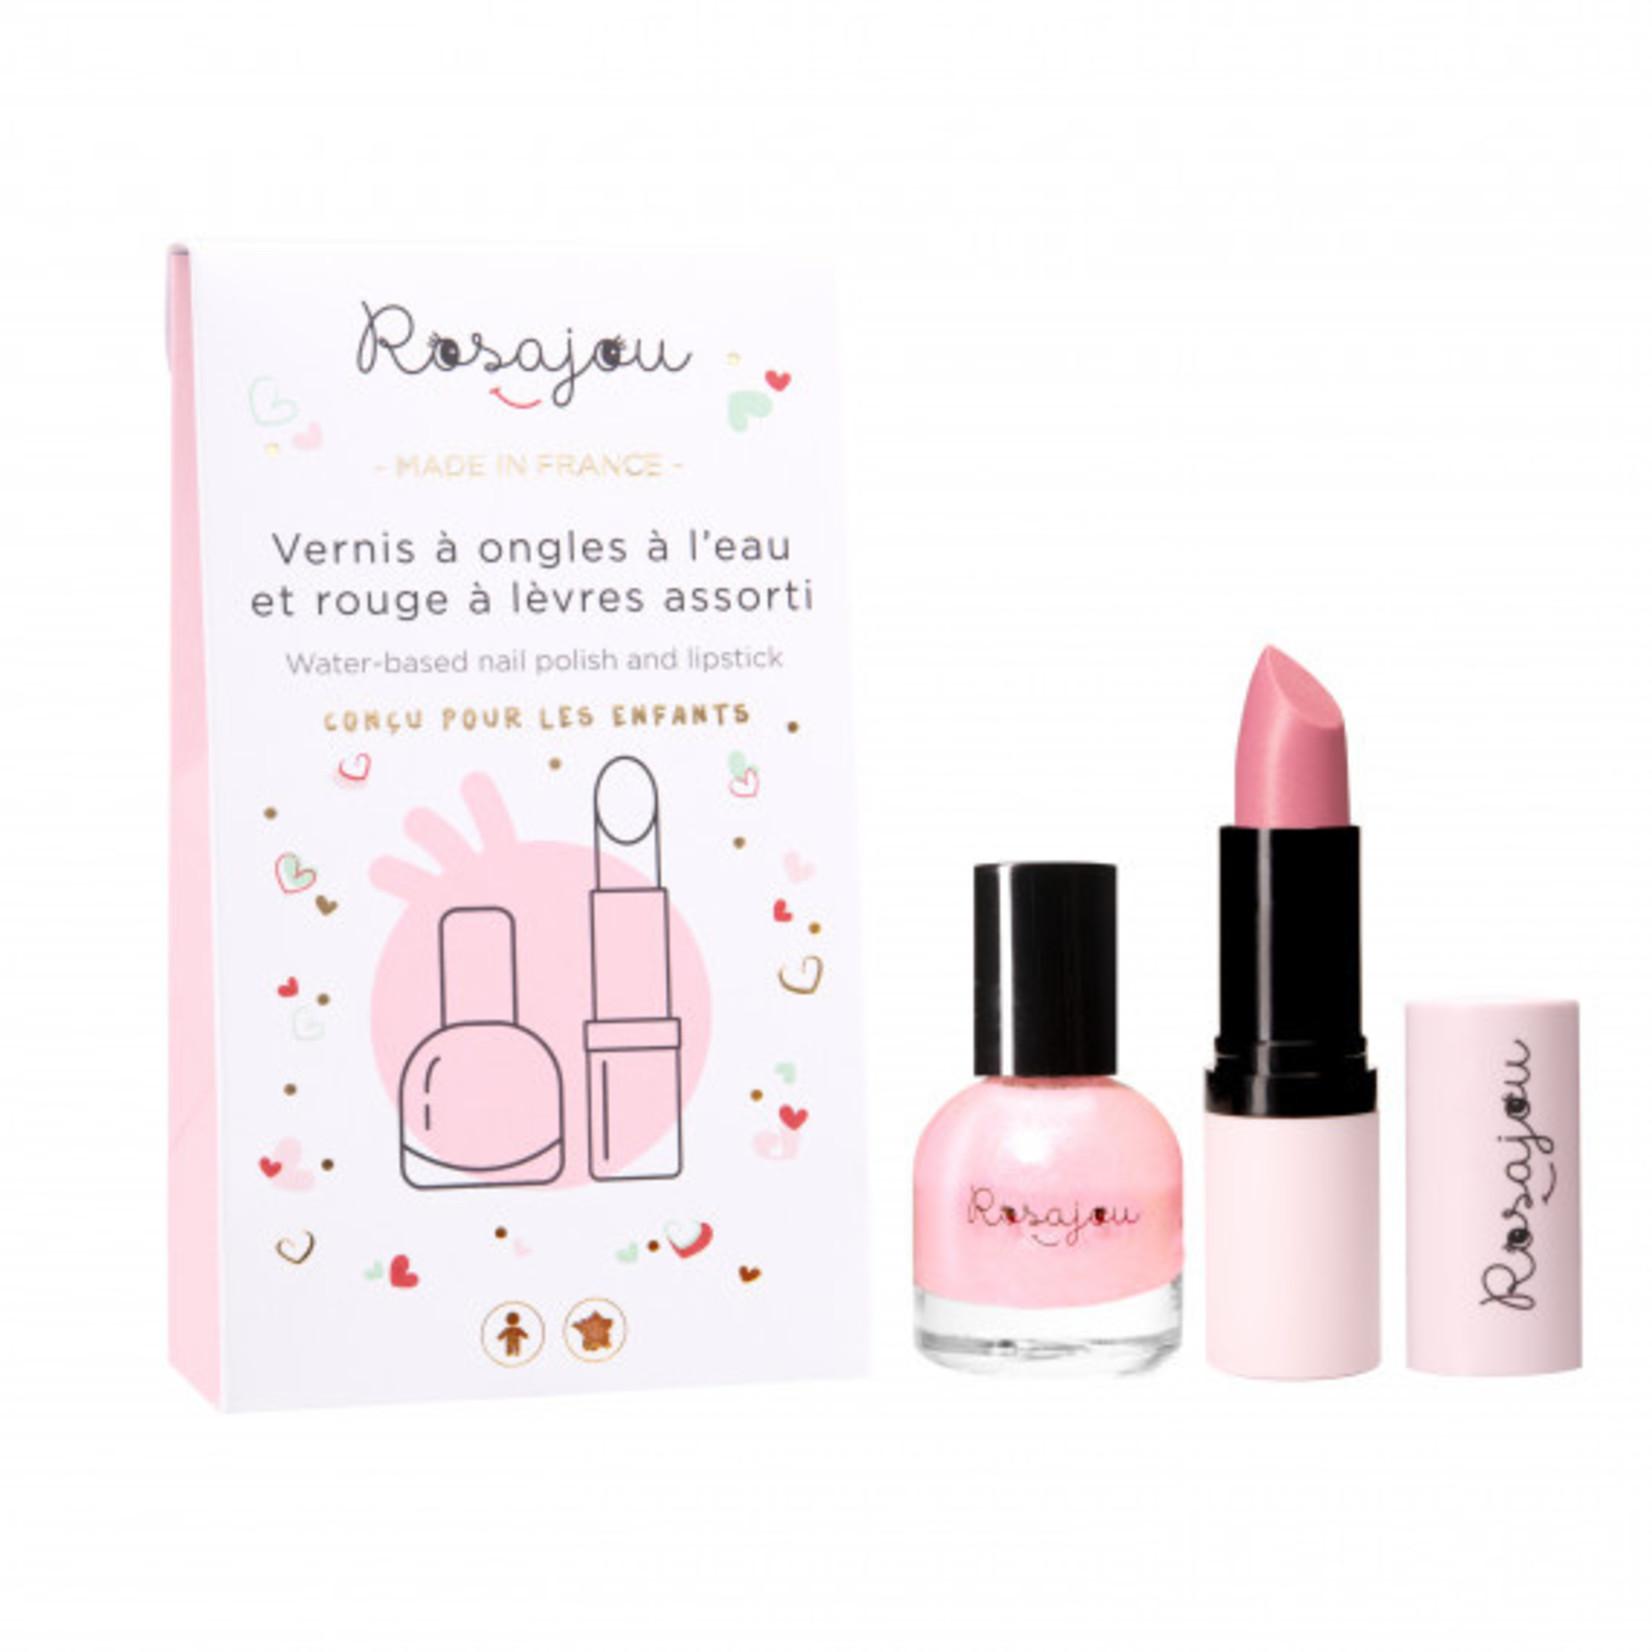 Rosajou Rosajou Nagellak en lipstick Ballerine speciaal voor kinderen